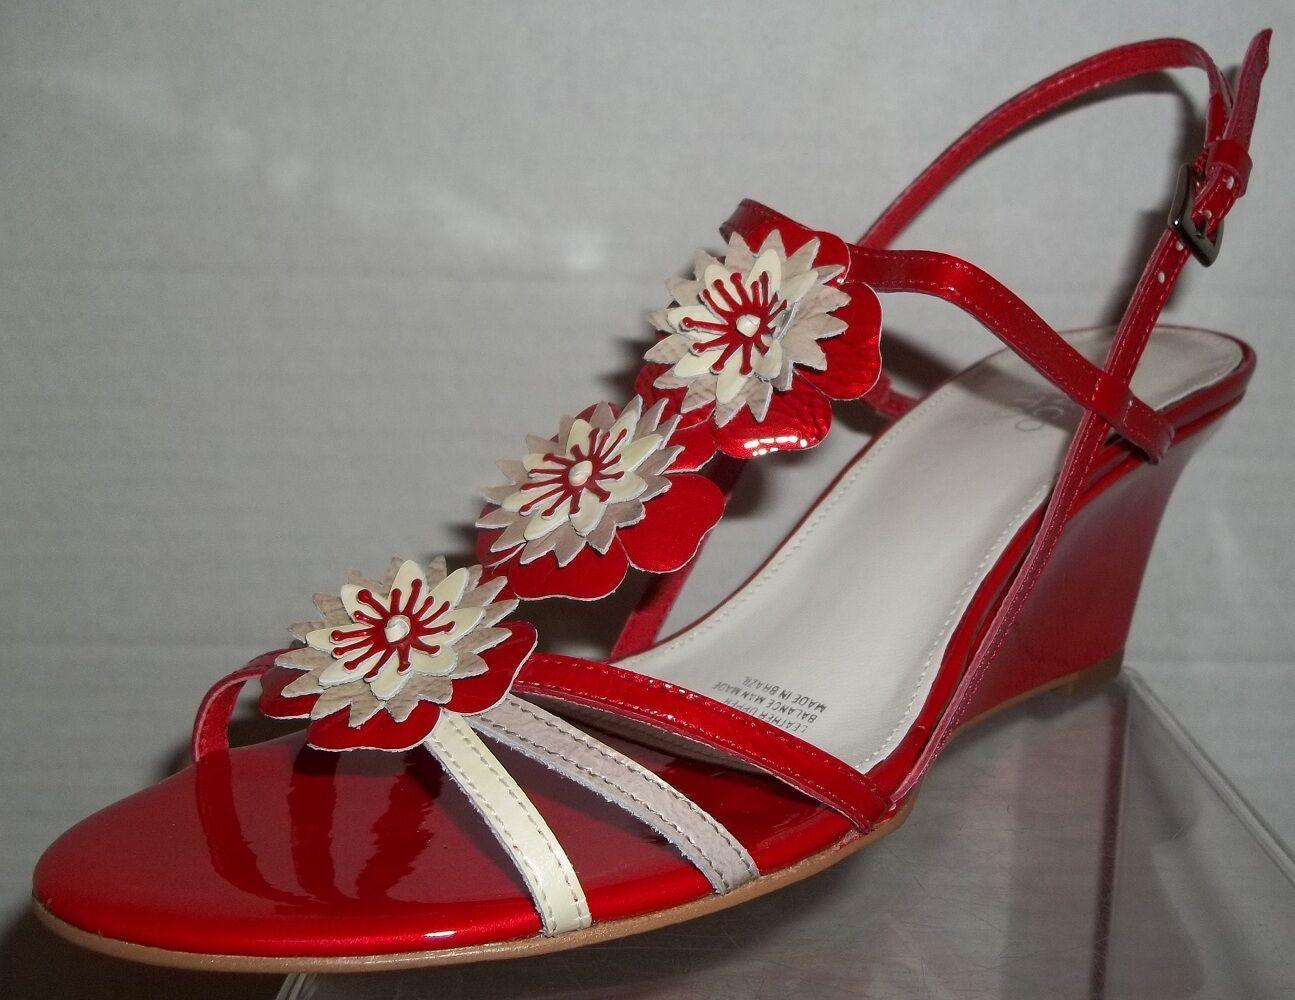 economico e di alta qualità Franco Sarto  Dimensione Dimensione Dimensione 8 Coral rosso Patent Leather Strappy Pumps donna scarpe NIB  popolare